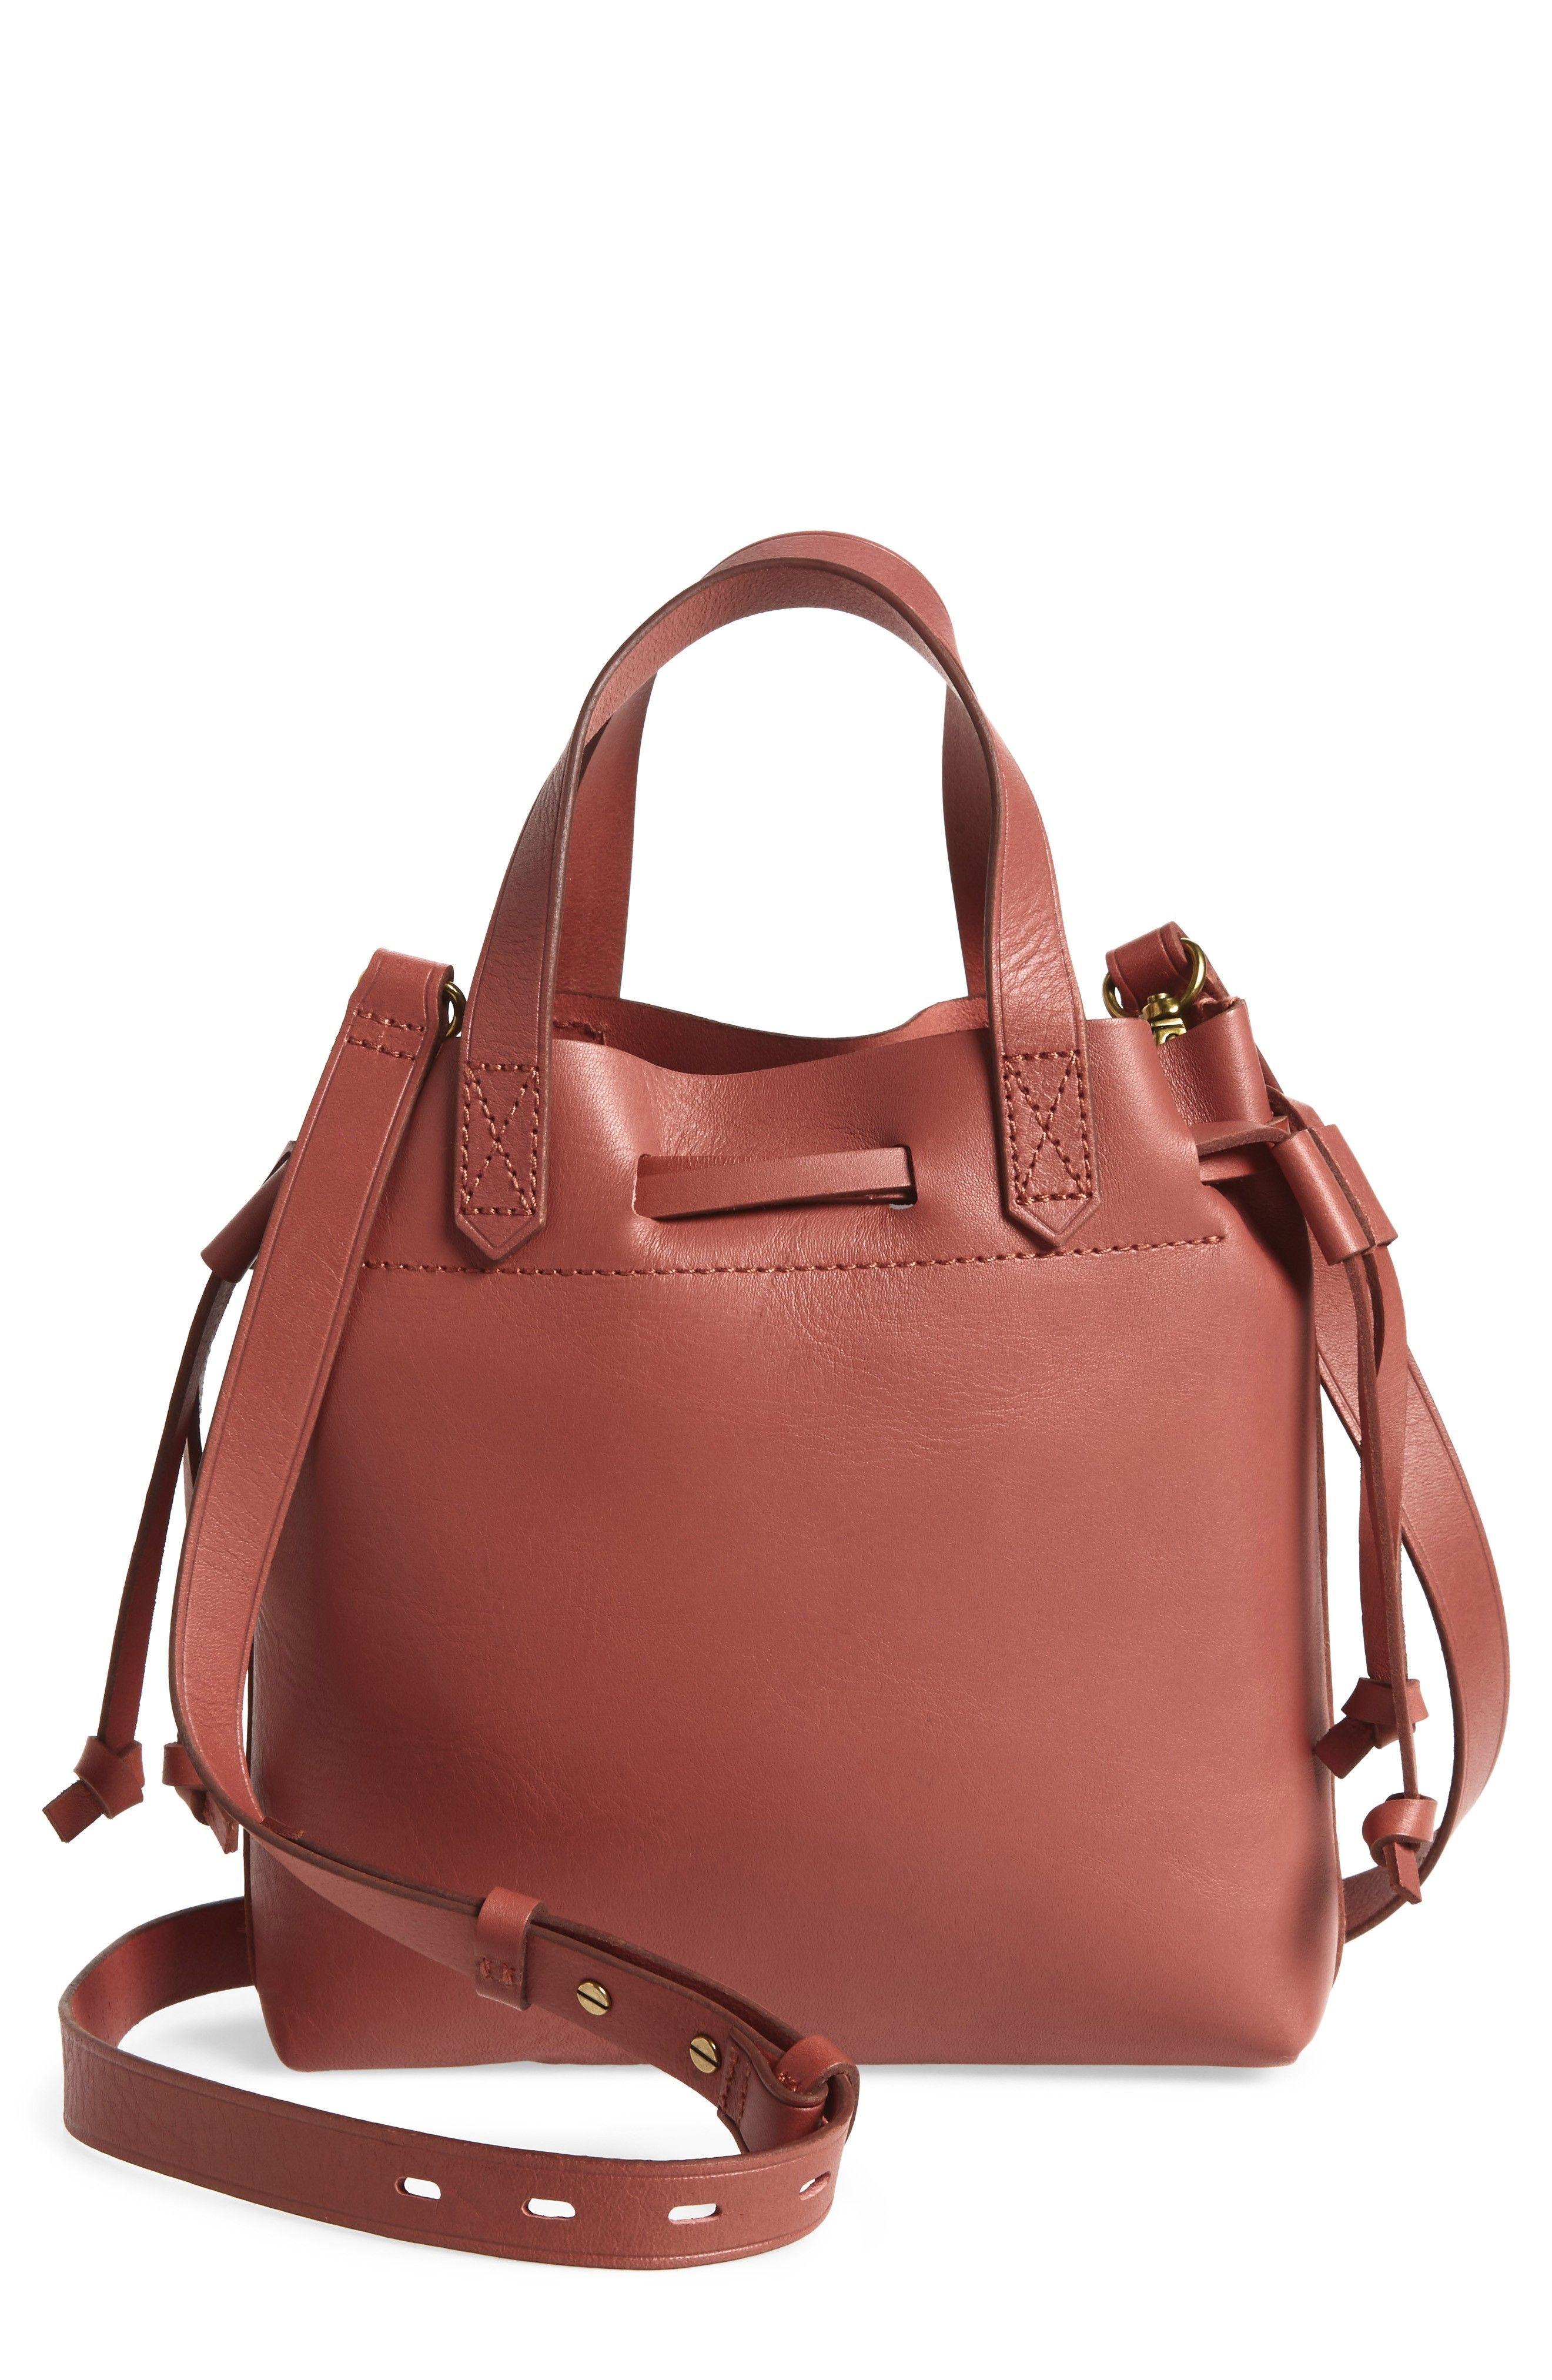 b80e1b36006e madewell mini transport leather drawstring tote